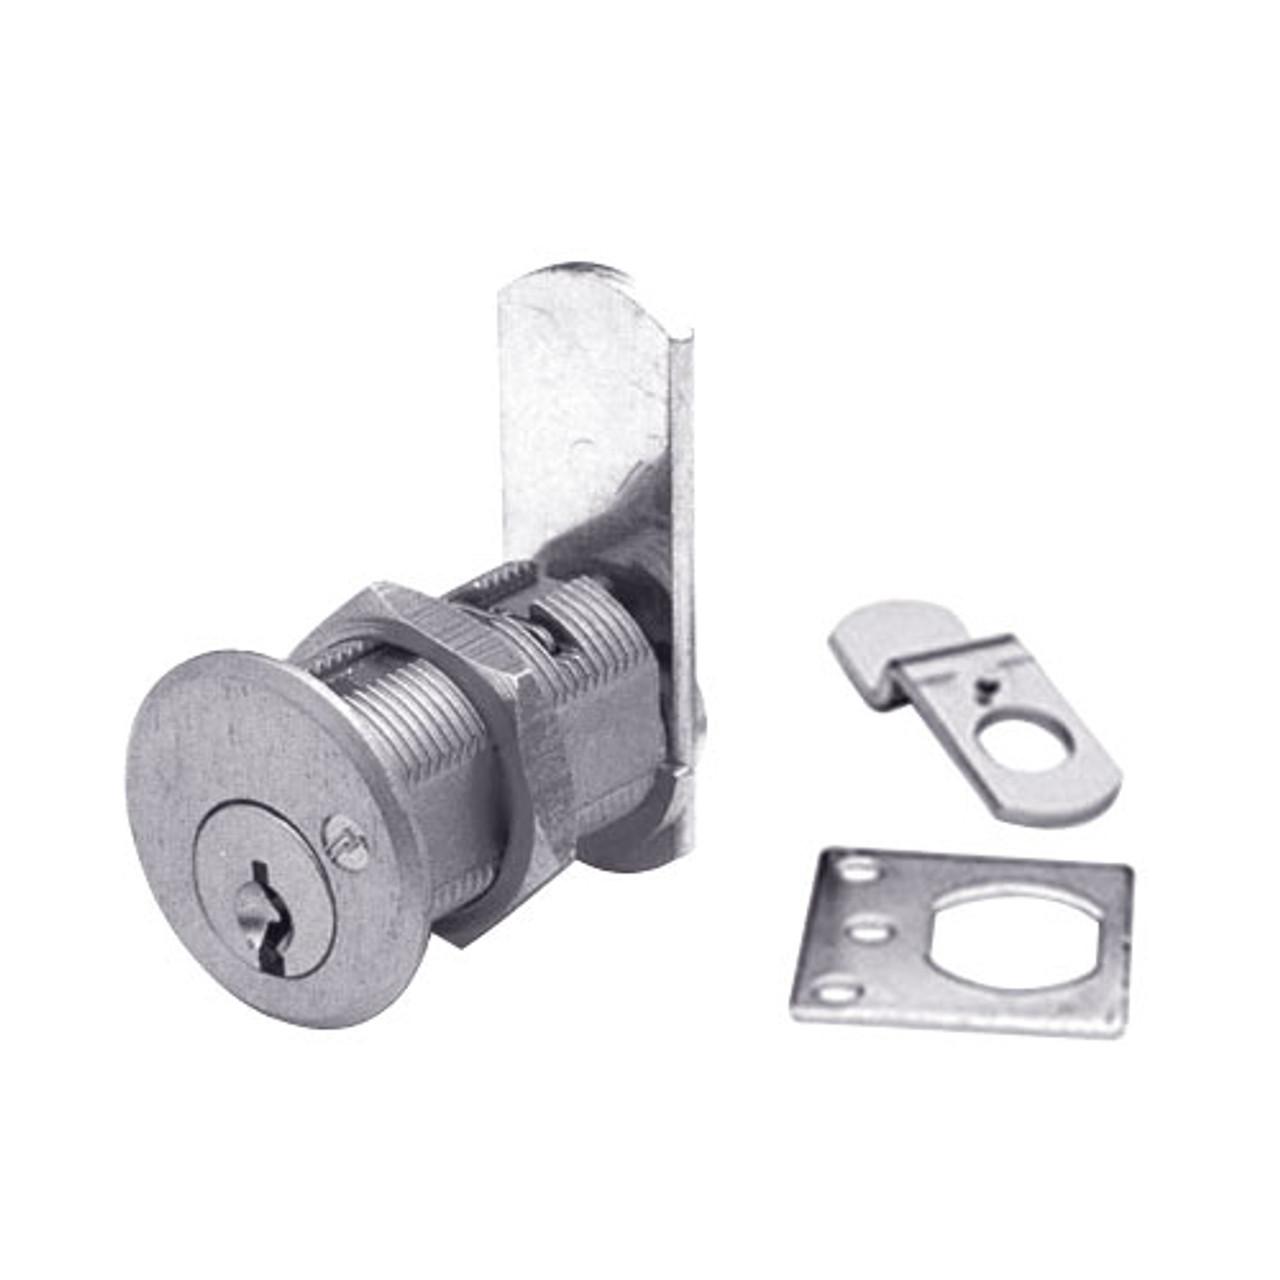 Olympus DCR1-KA4T2-26D Cam Locks in Satin Chrome Finish